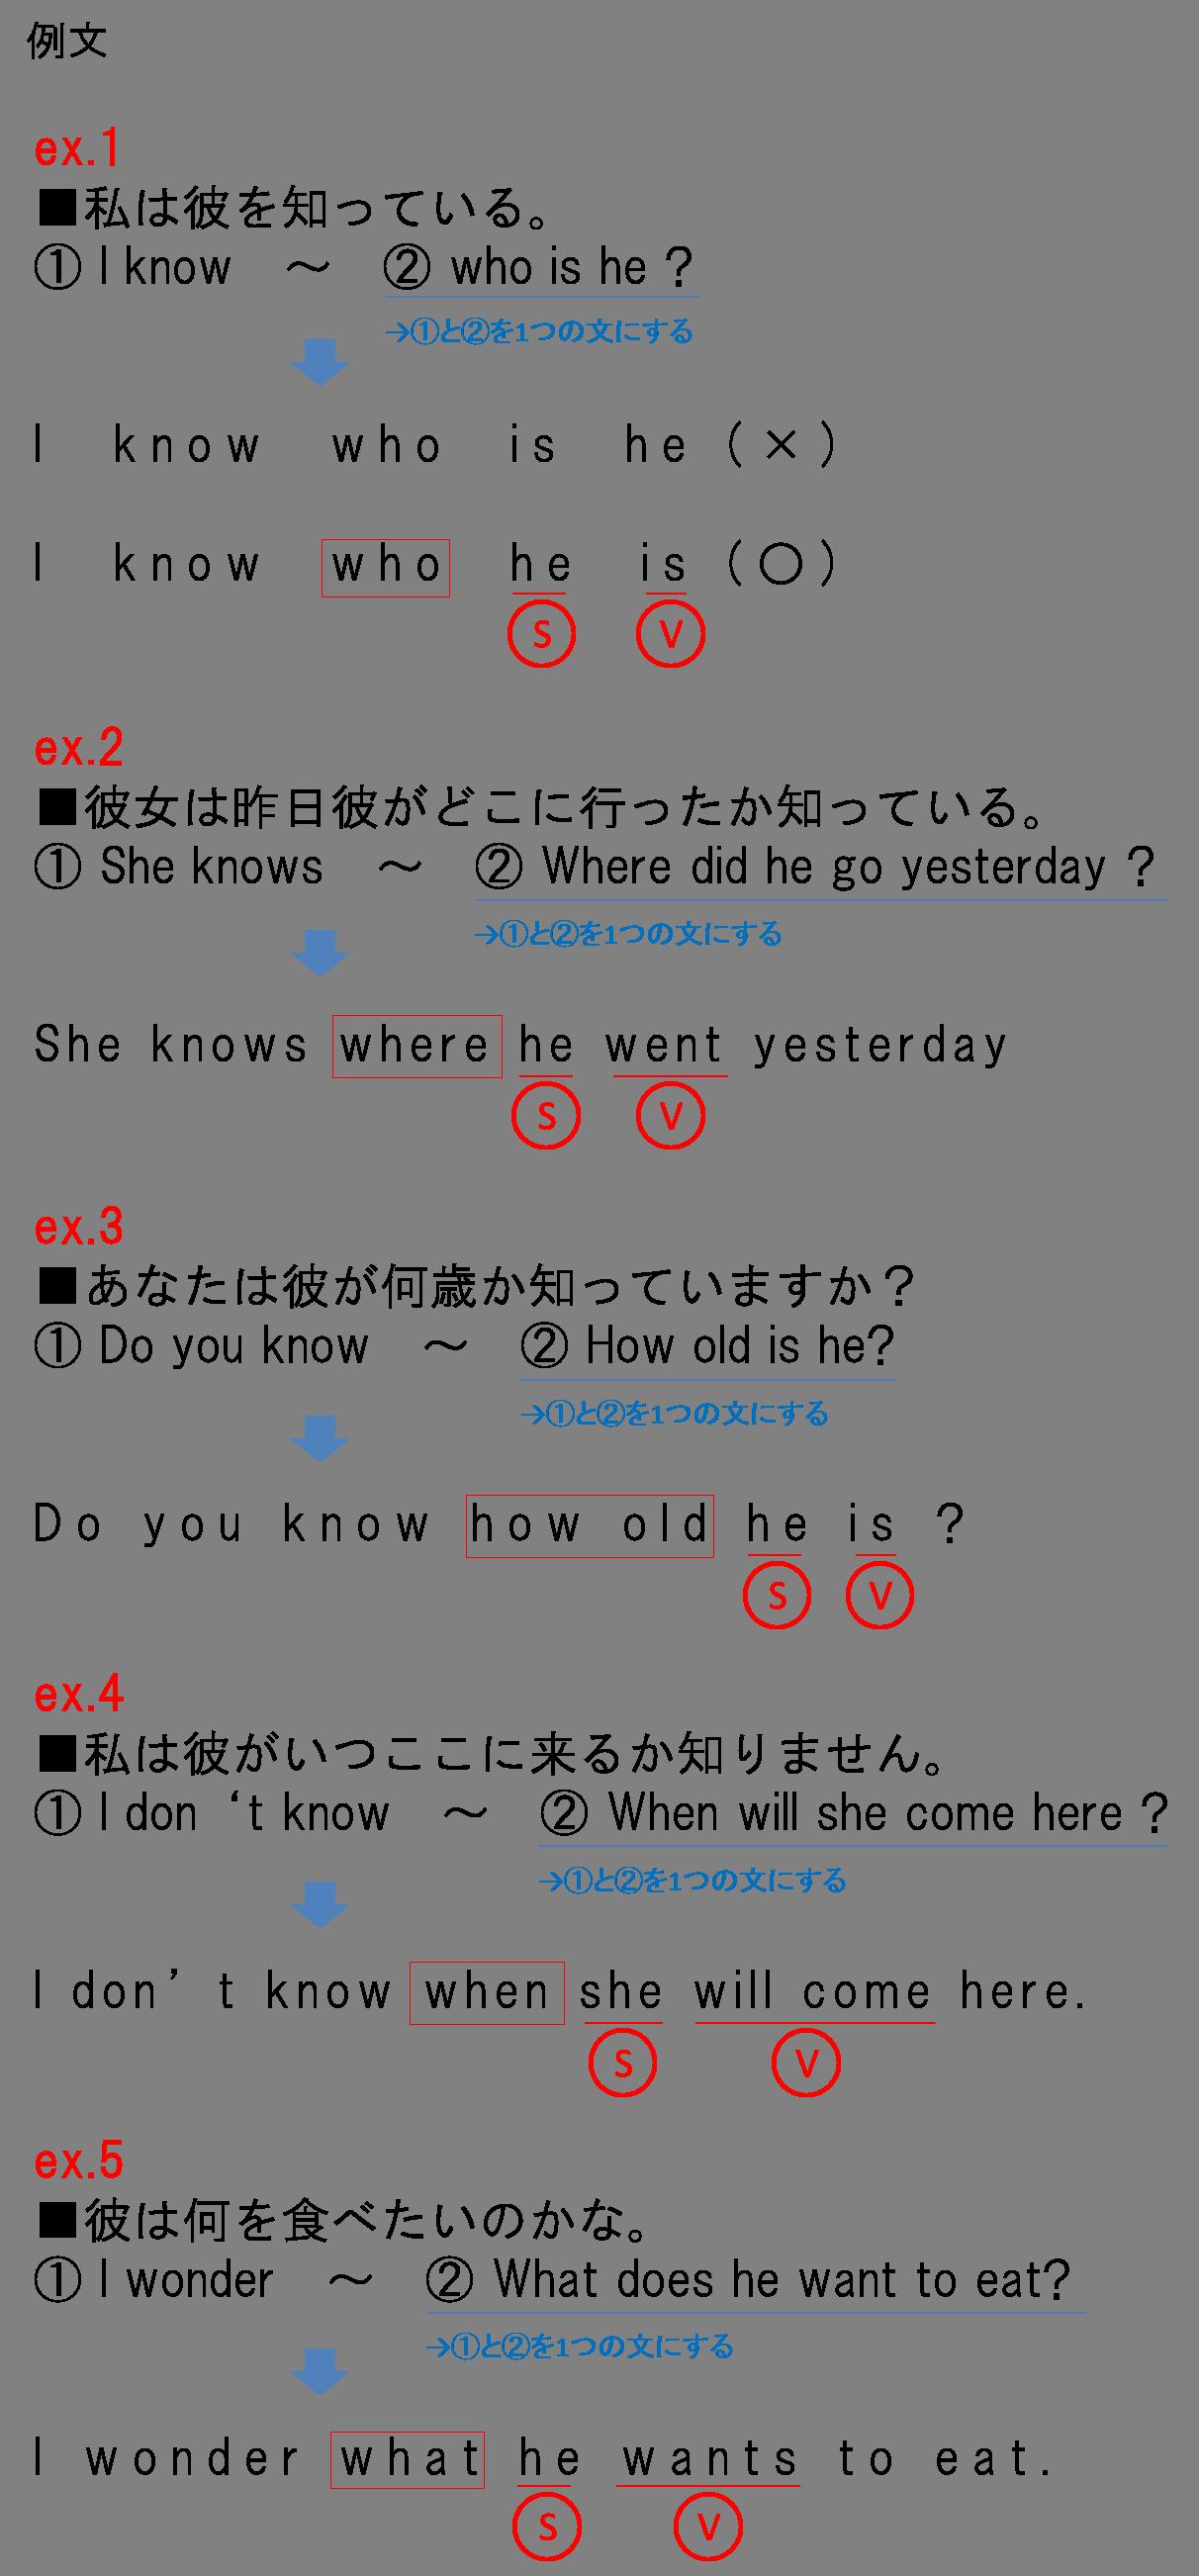 間接疑問文2